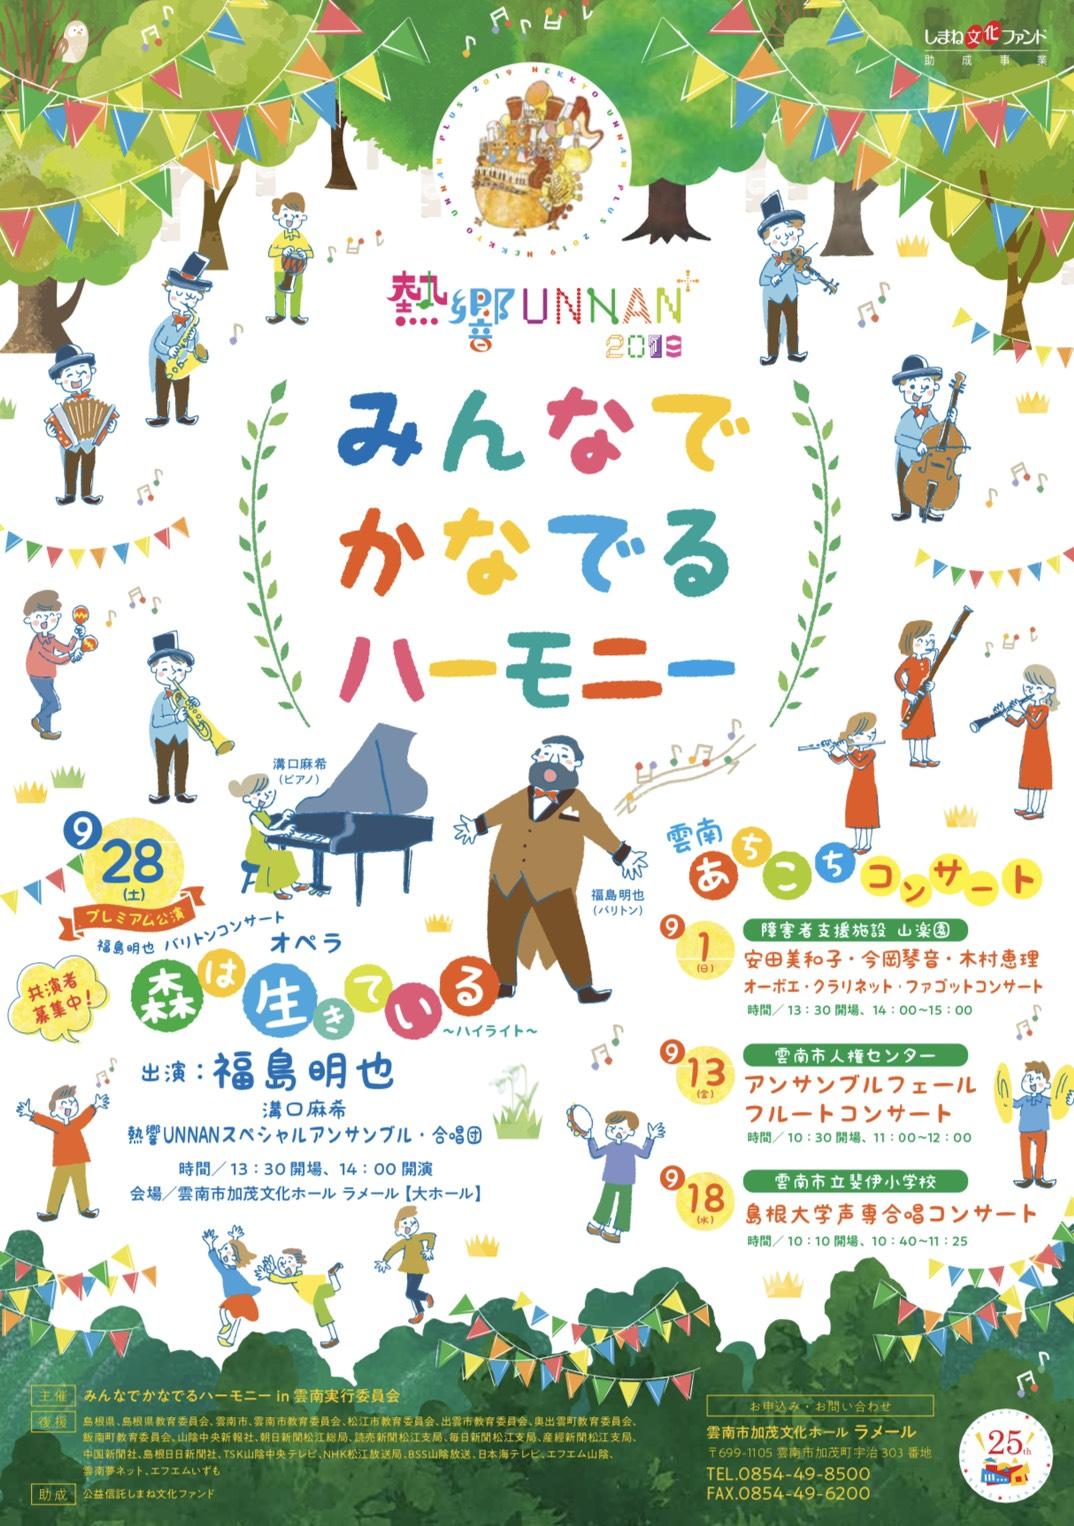 雲南あちこちコンサート(1)安田美和子・今岡琴音・木村恵理(木管三重奏)コンサート